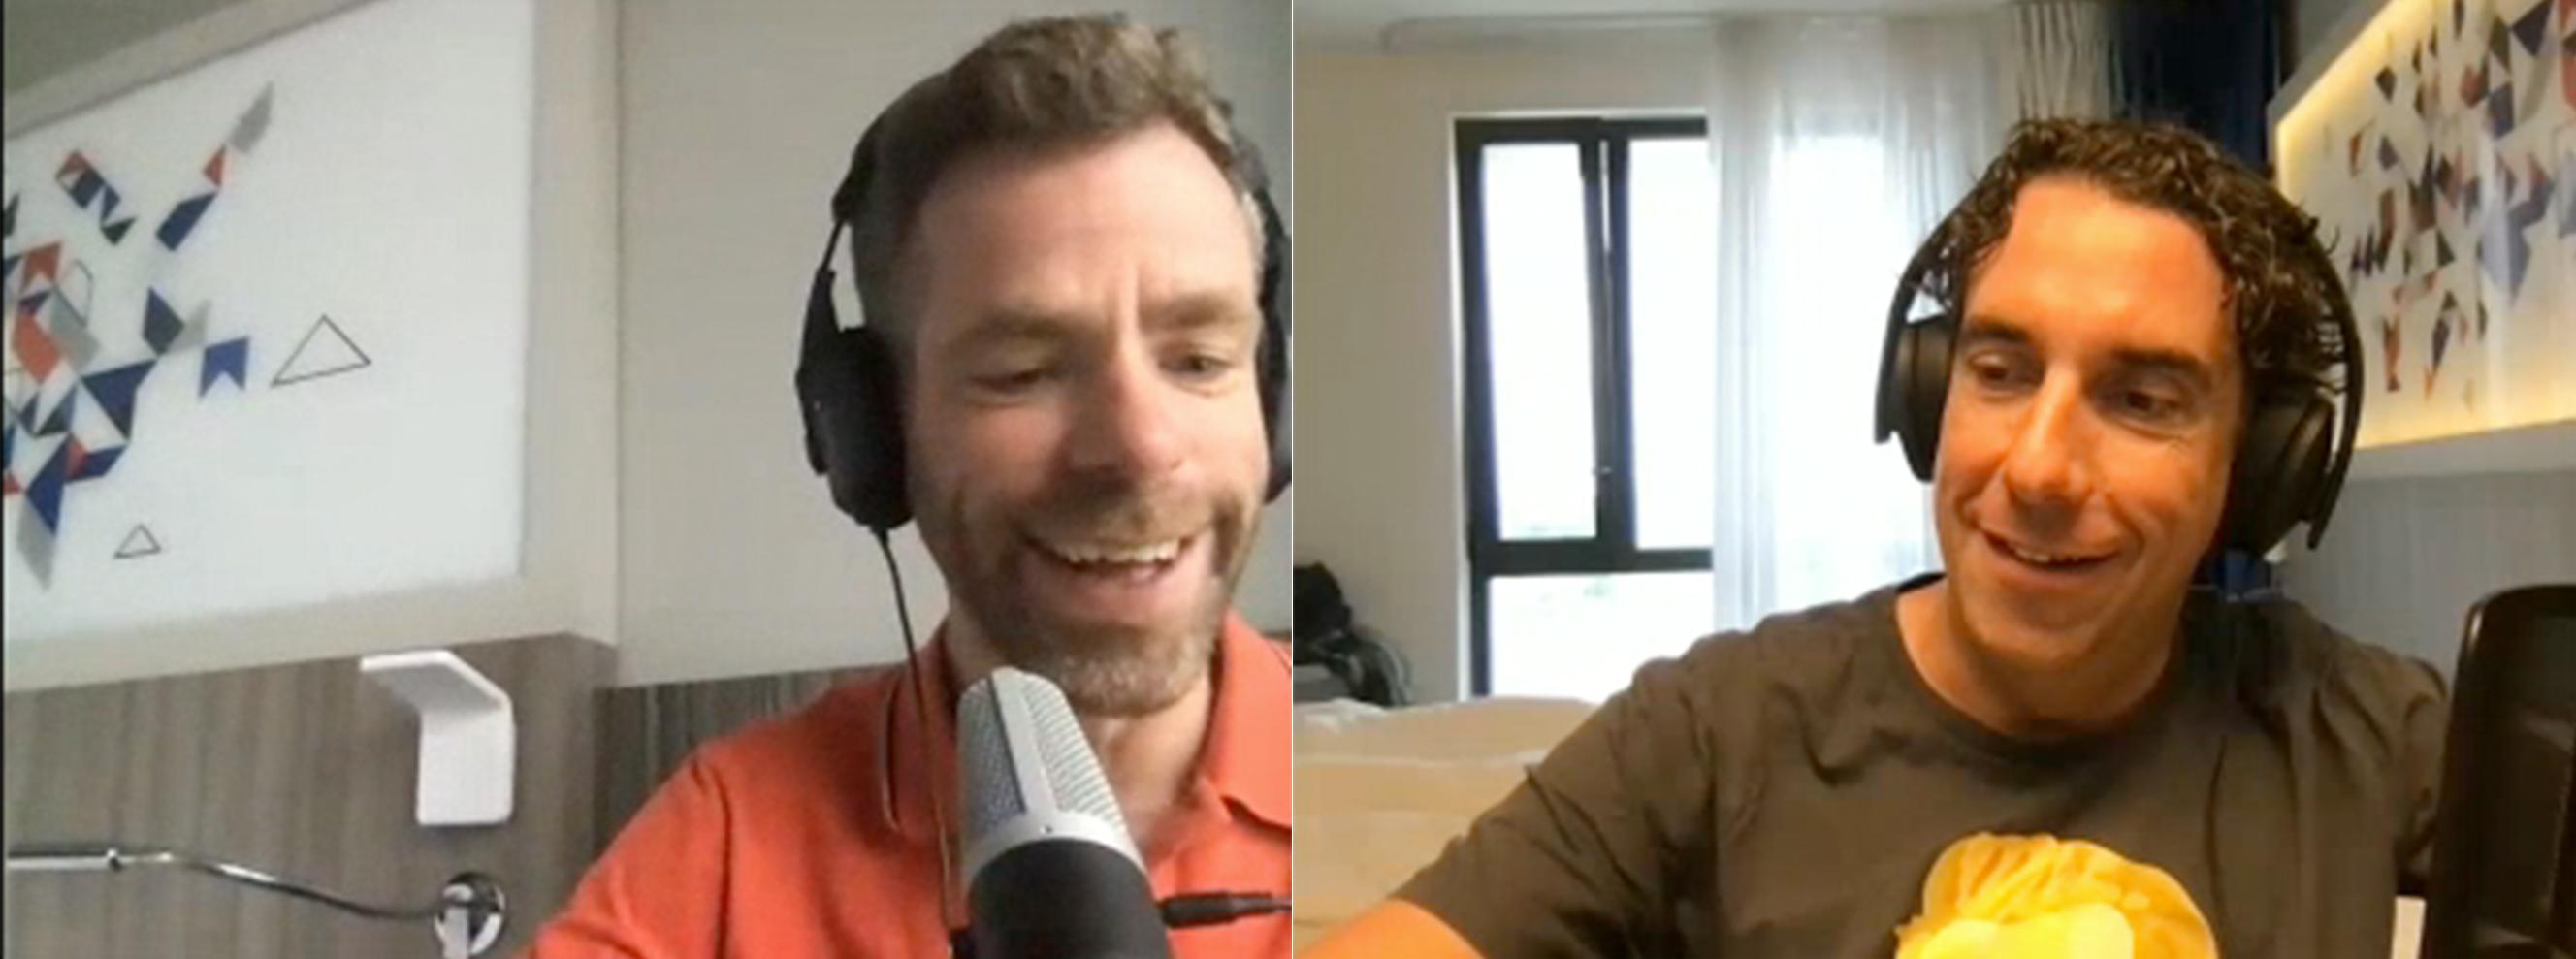 Bram en Martijn zitten in hetzelfde hotel in Toulouse